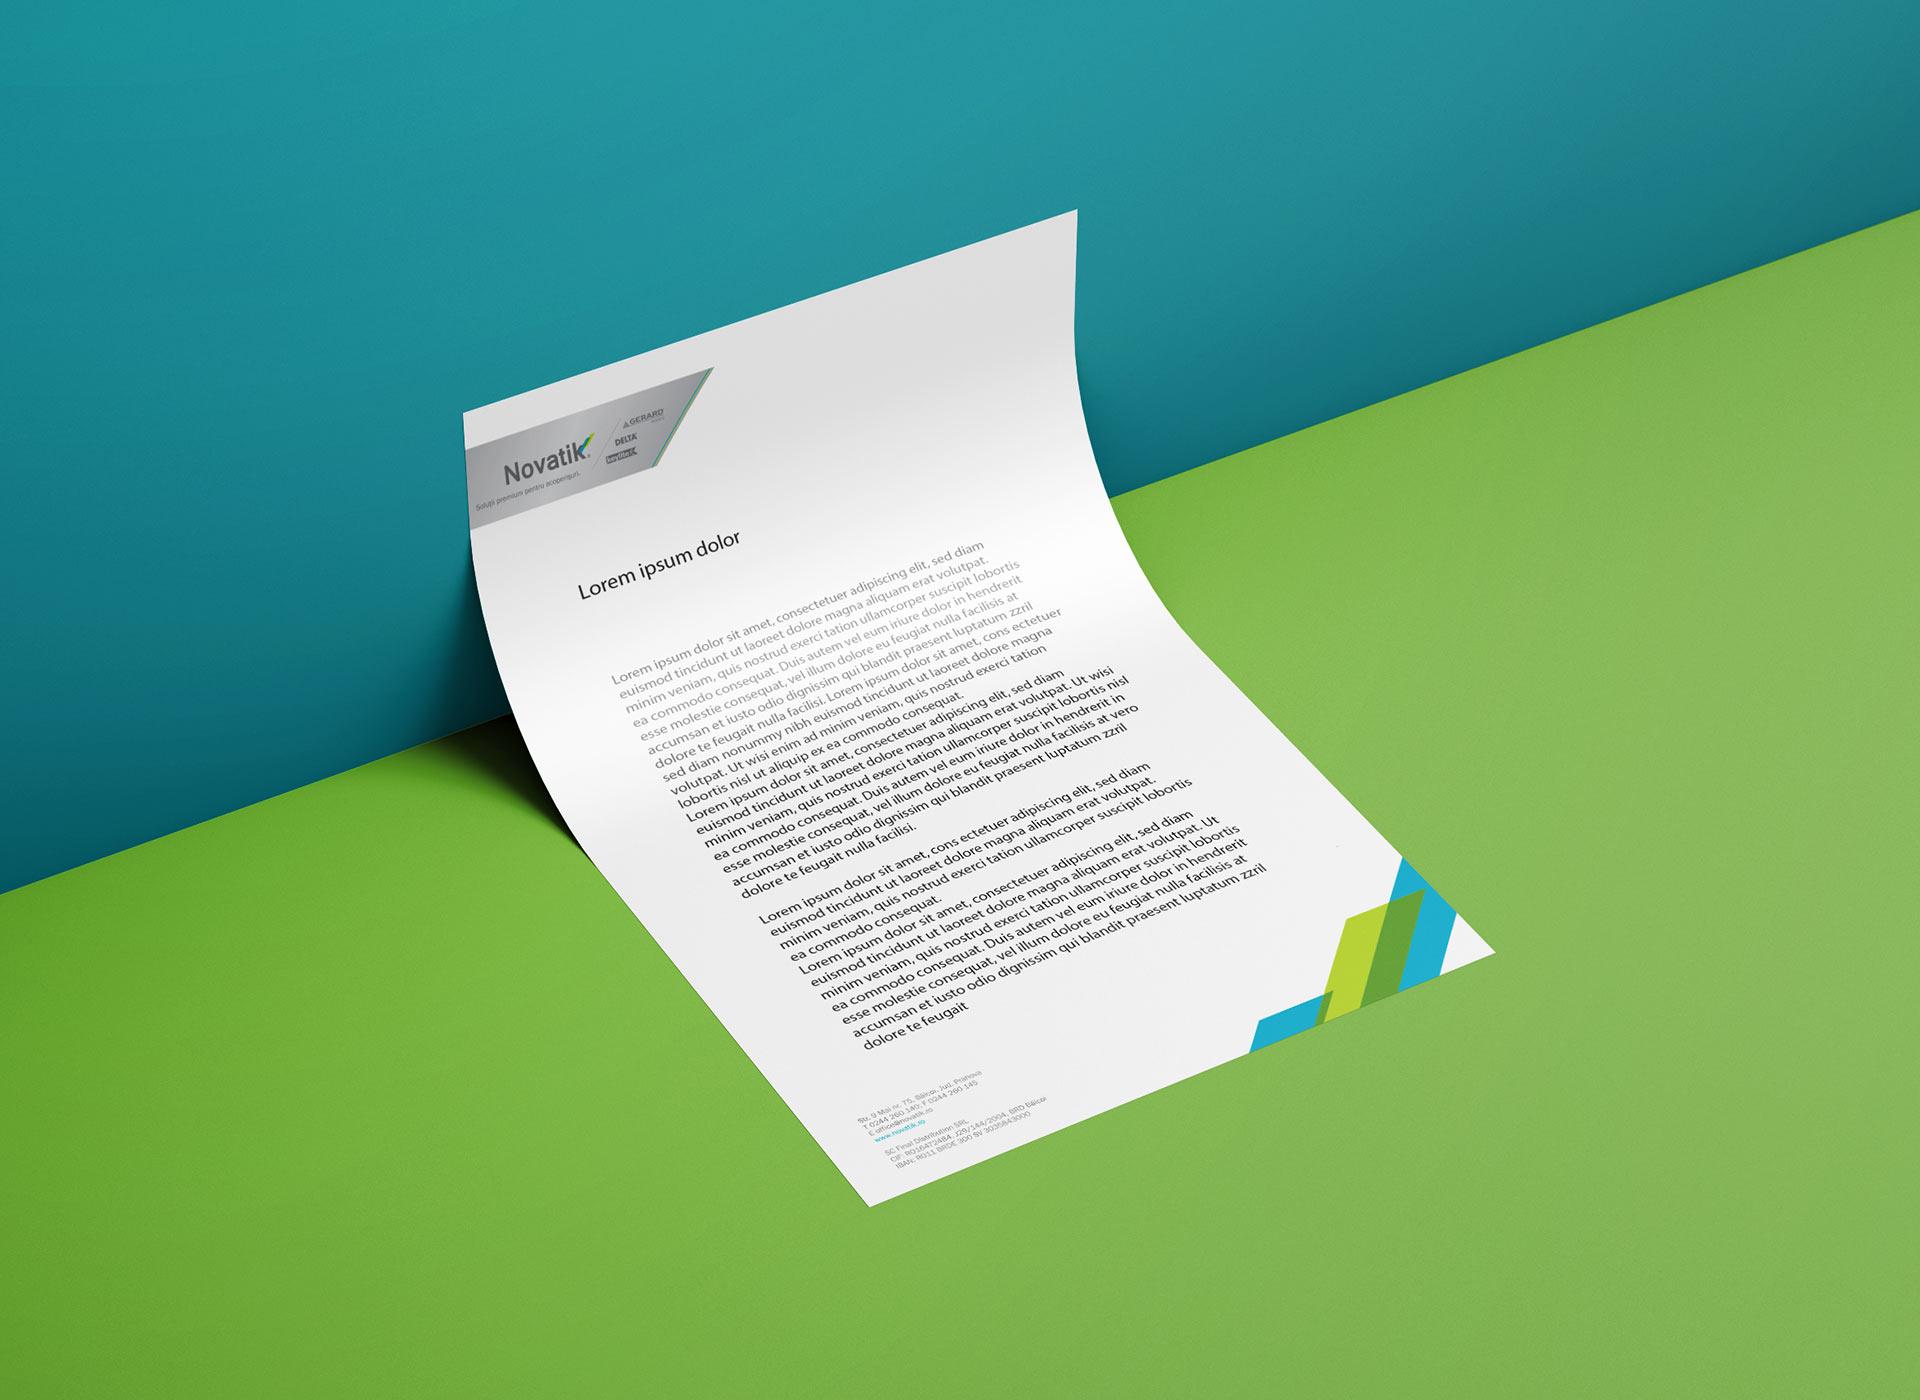 novatik portofoliu branding letterhead